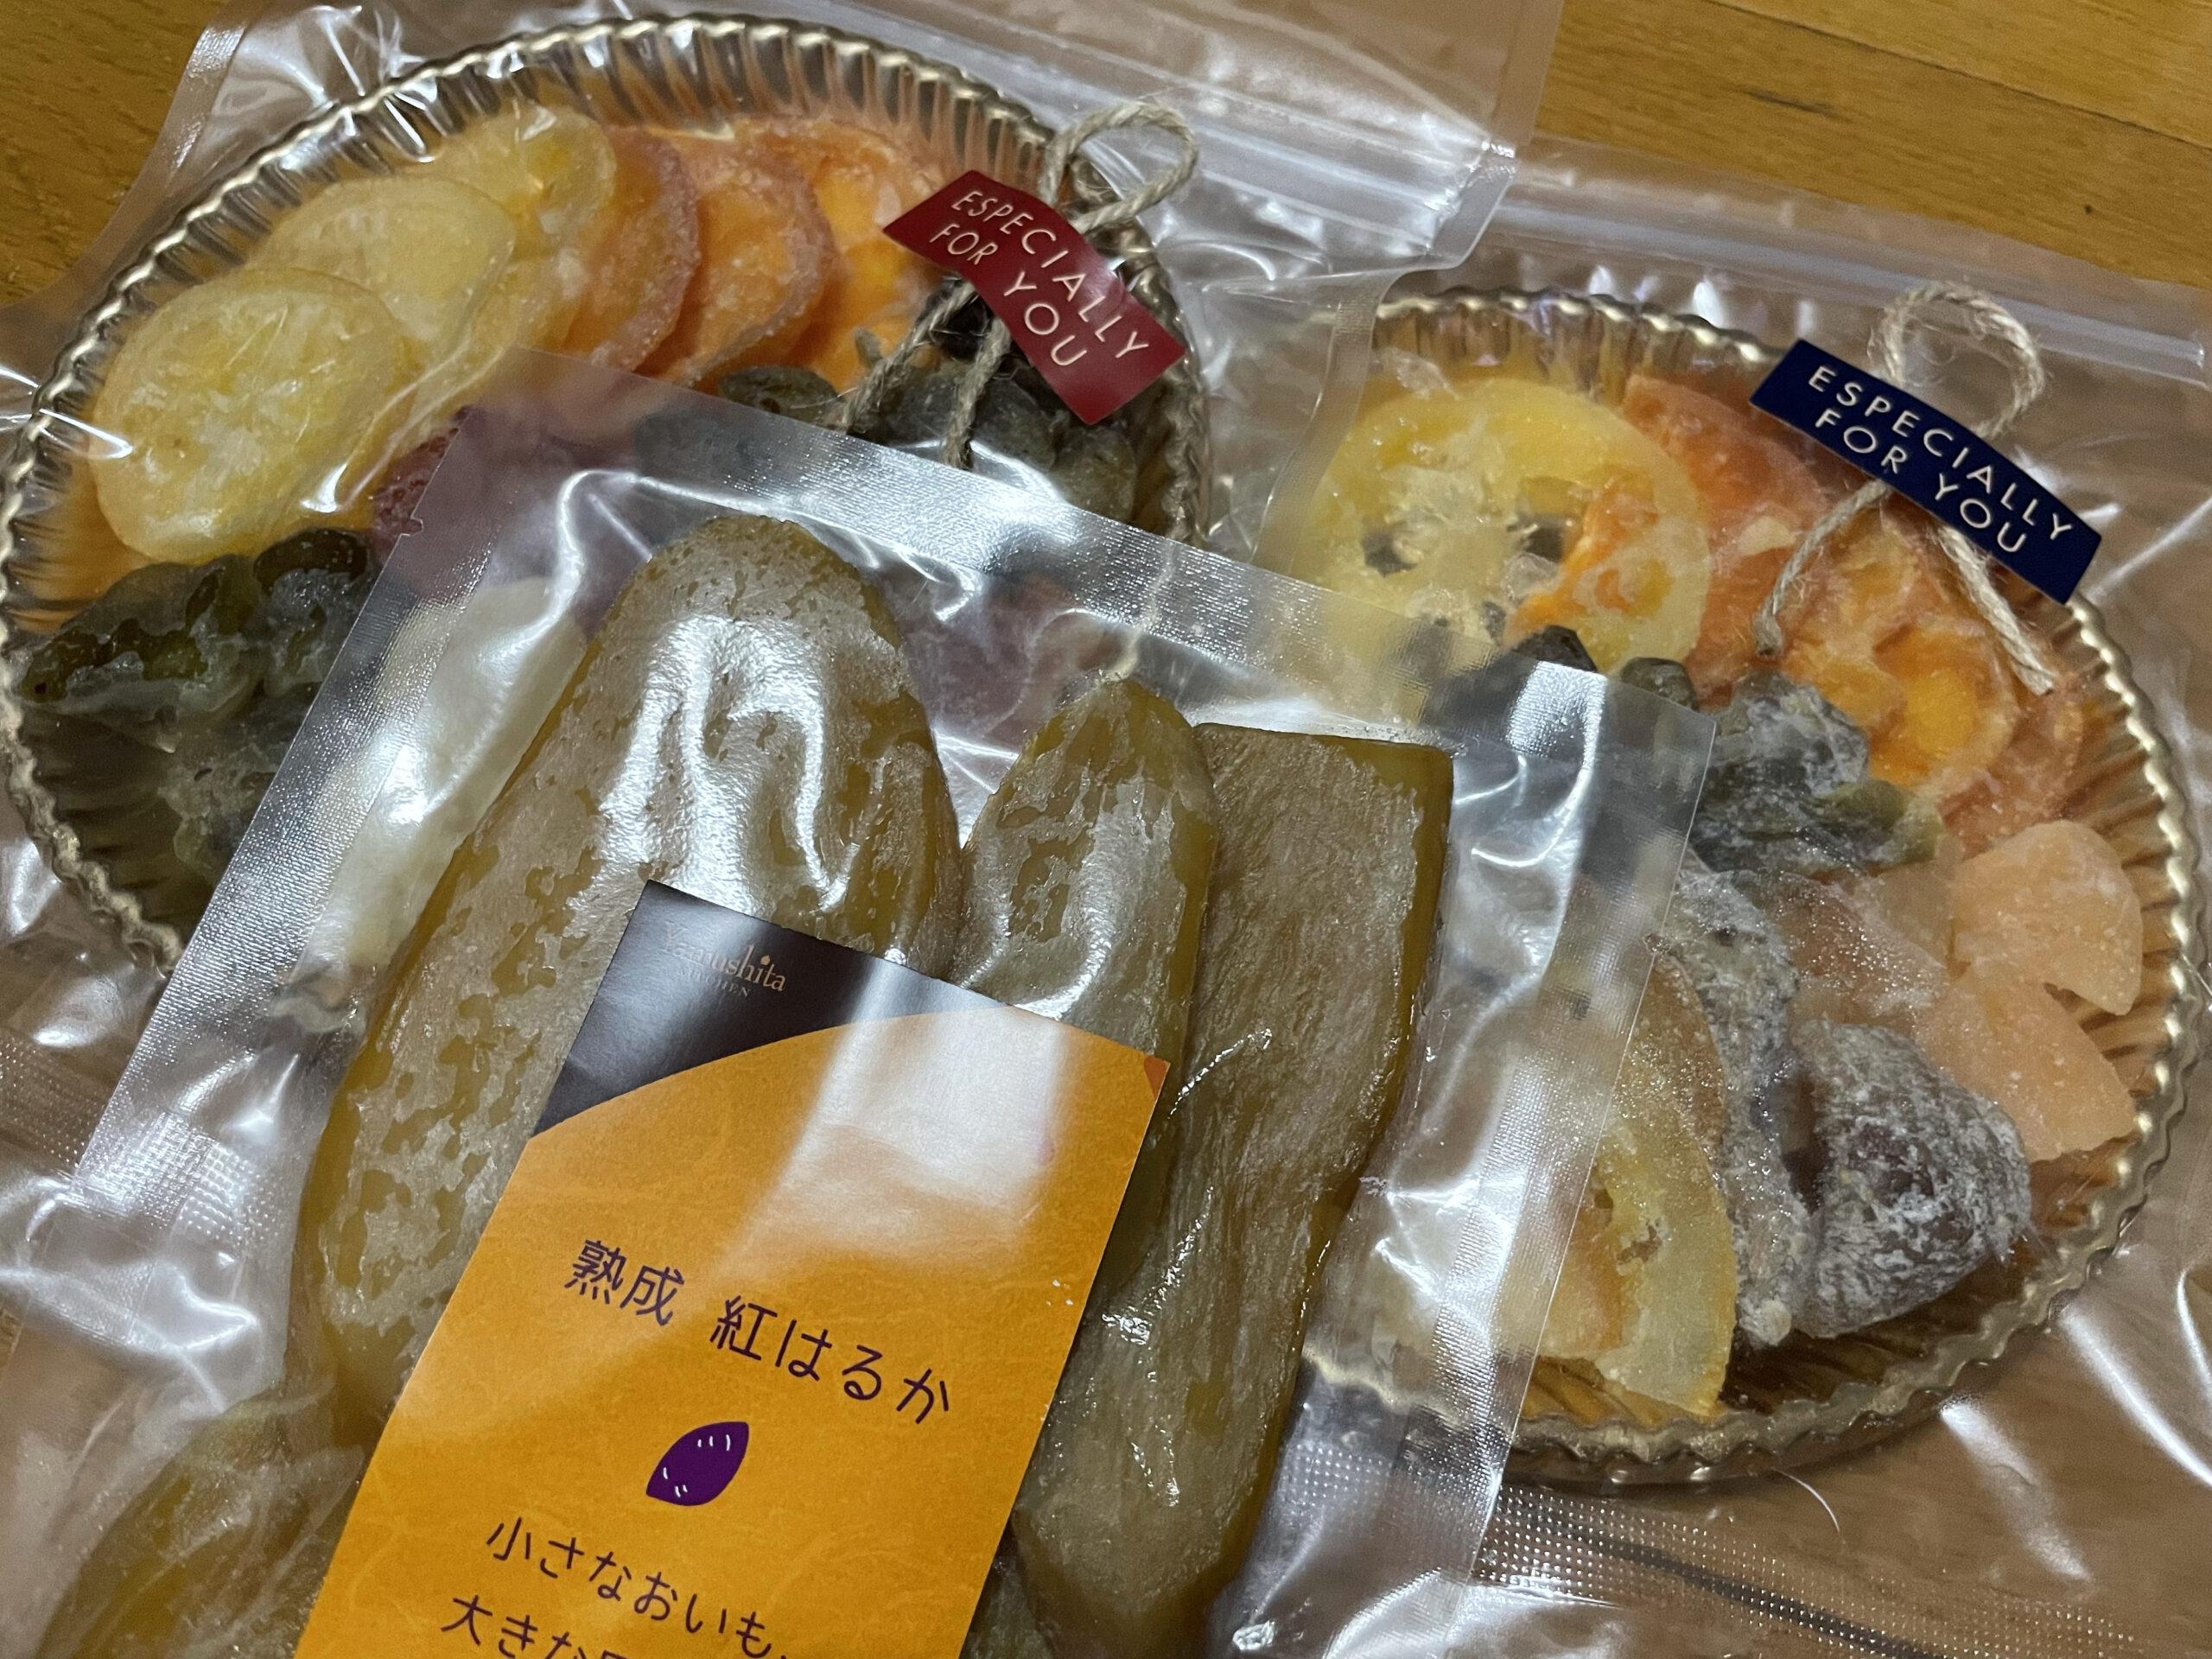 かなり強烈に美味い干し芋、ドライフルーツならここ(干し柿まだ食べてない)「山下屋荘介」